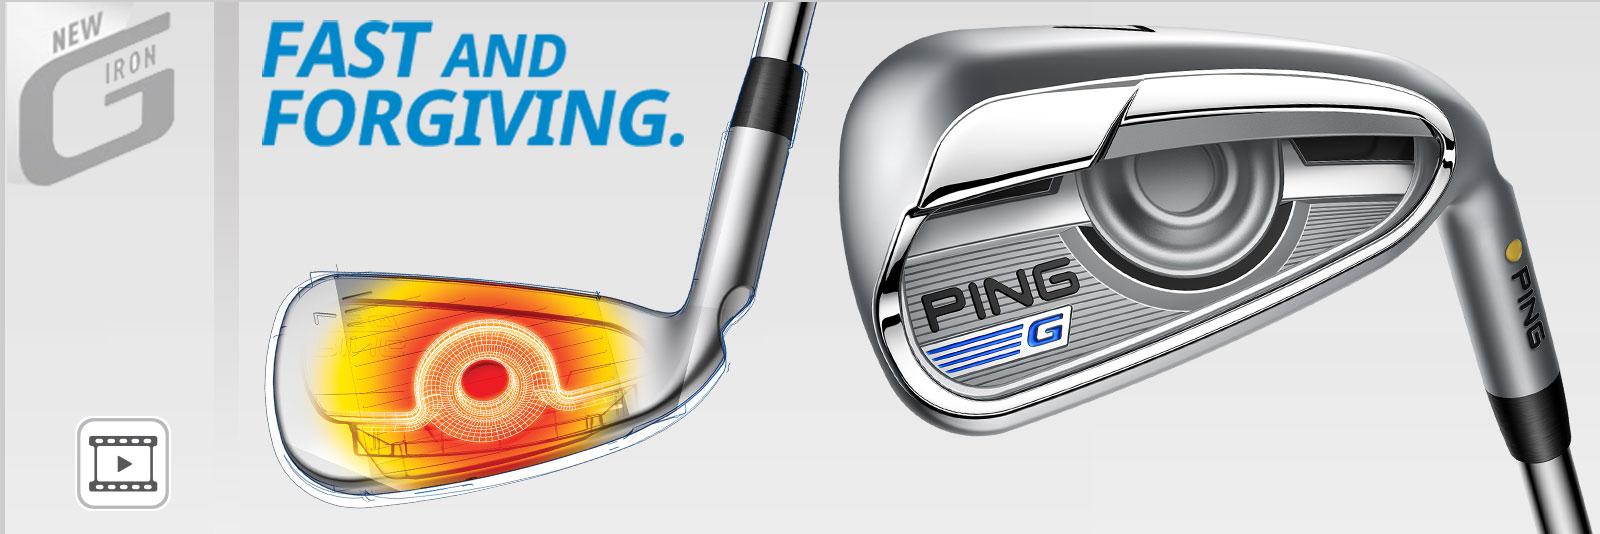 PING G Series Irons Header